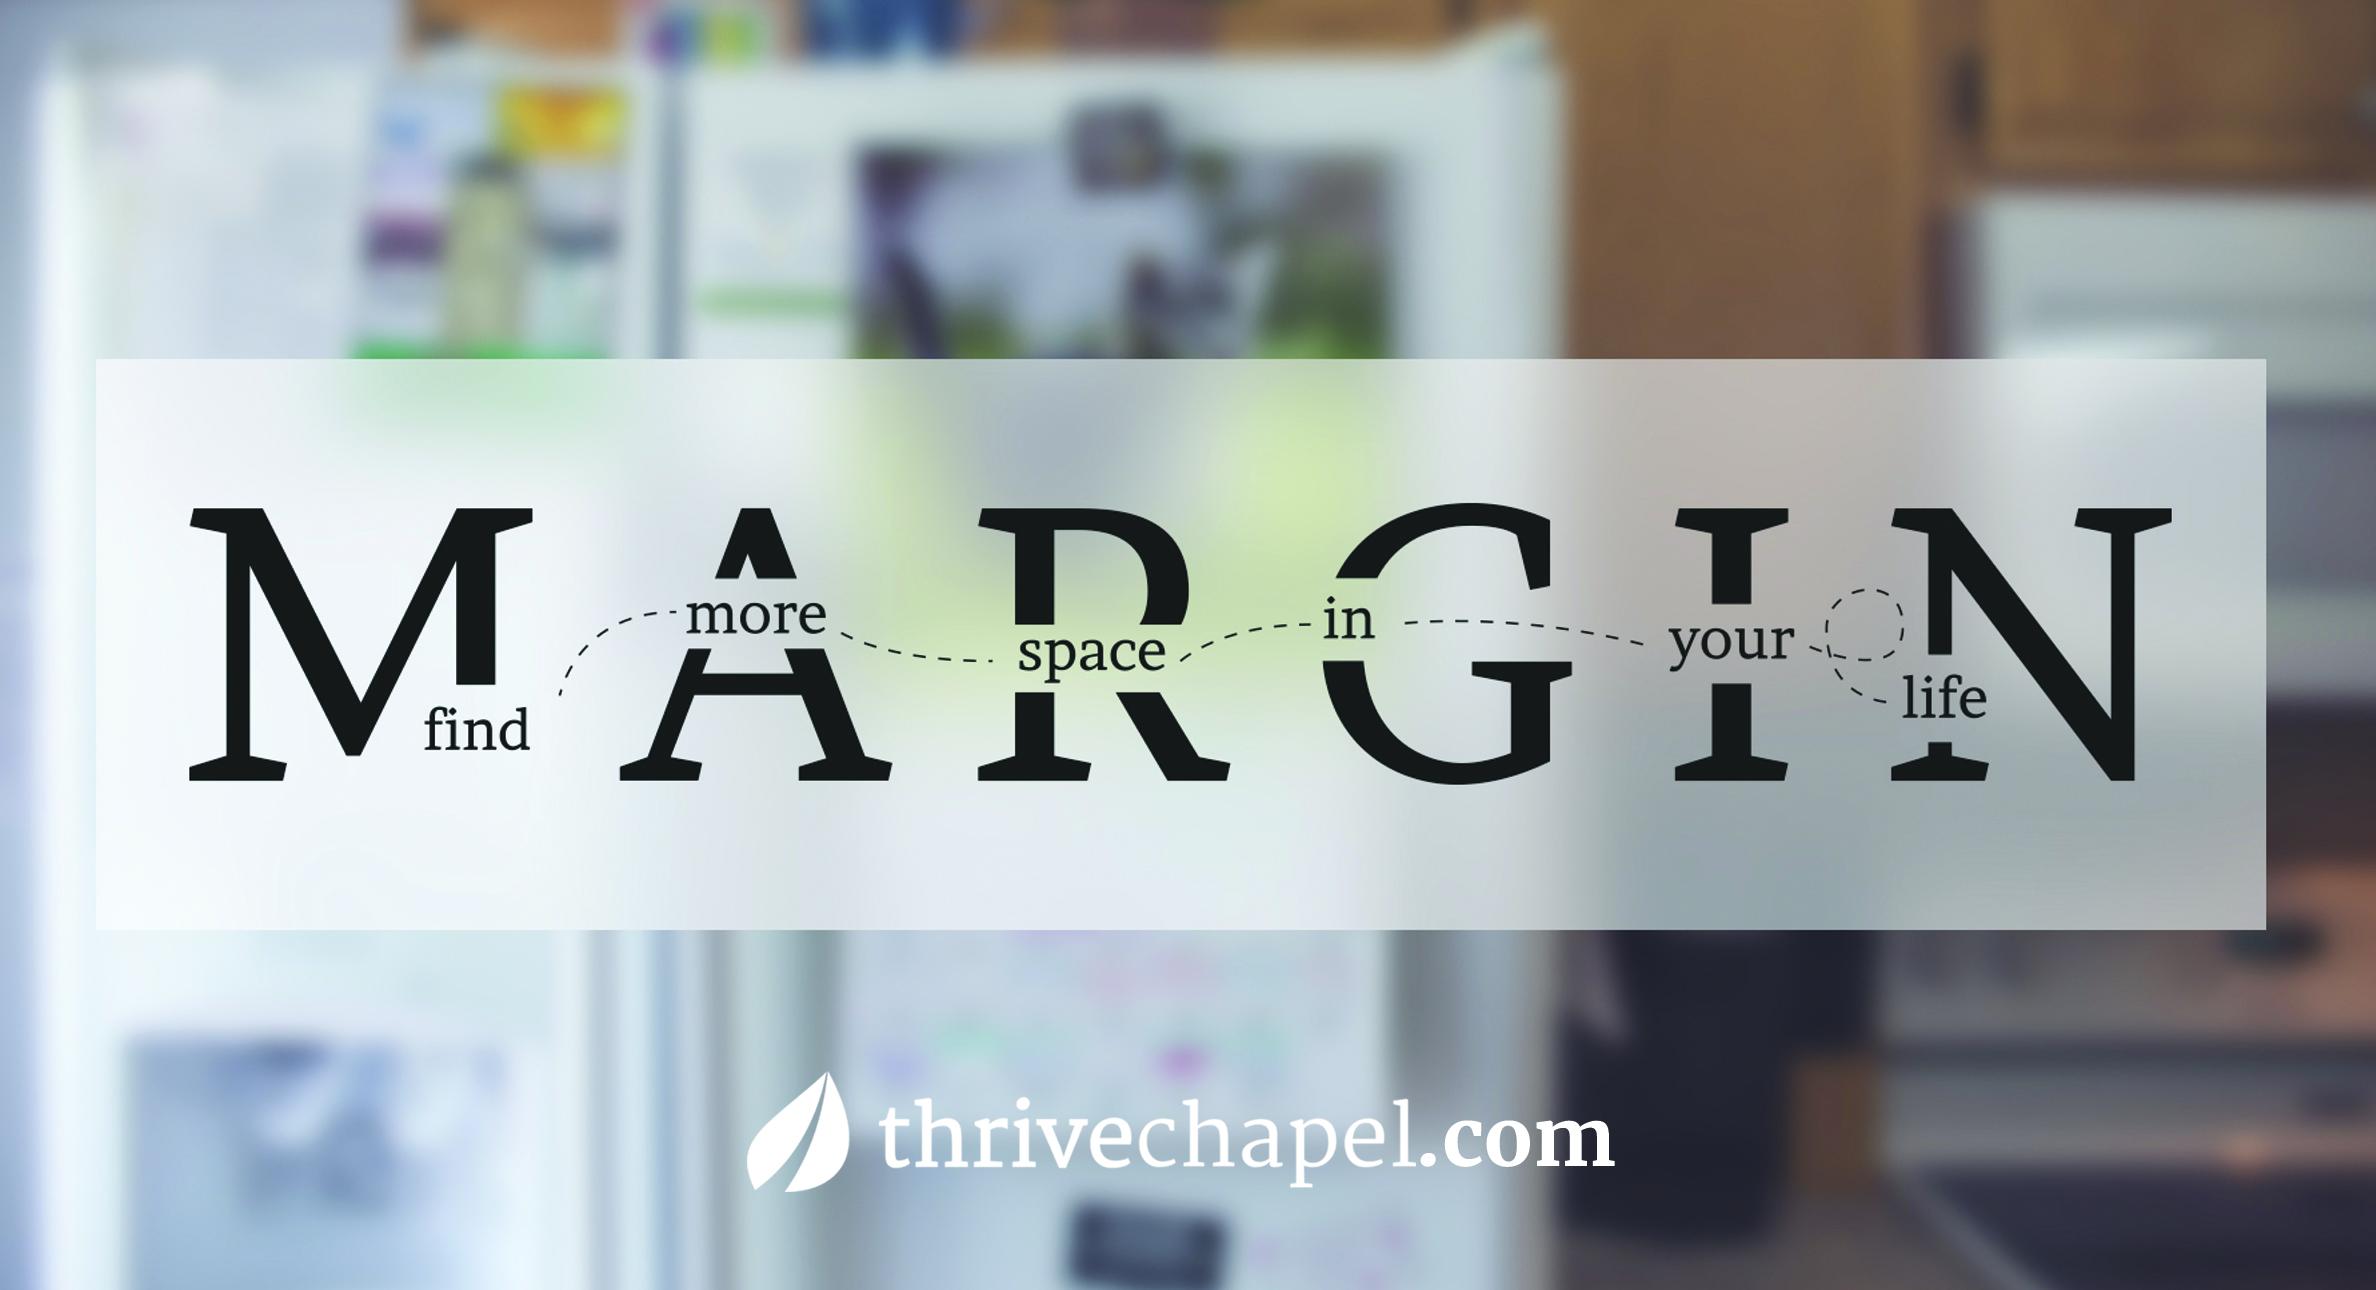 Copy of Thrive Mailer(Margin) Front_v1.jpg